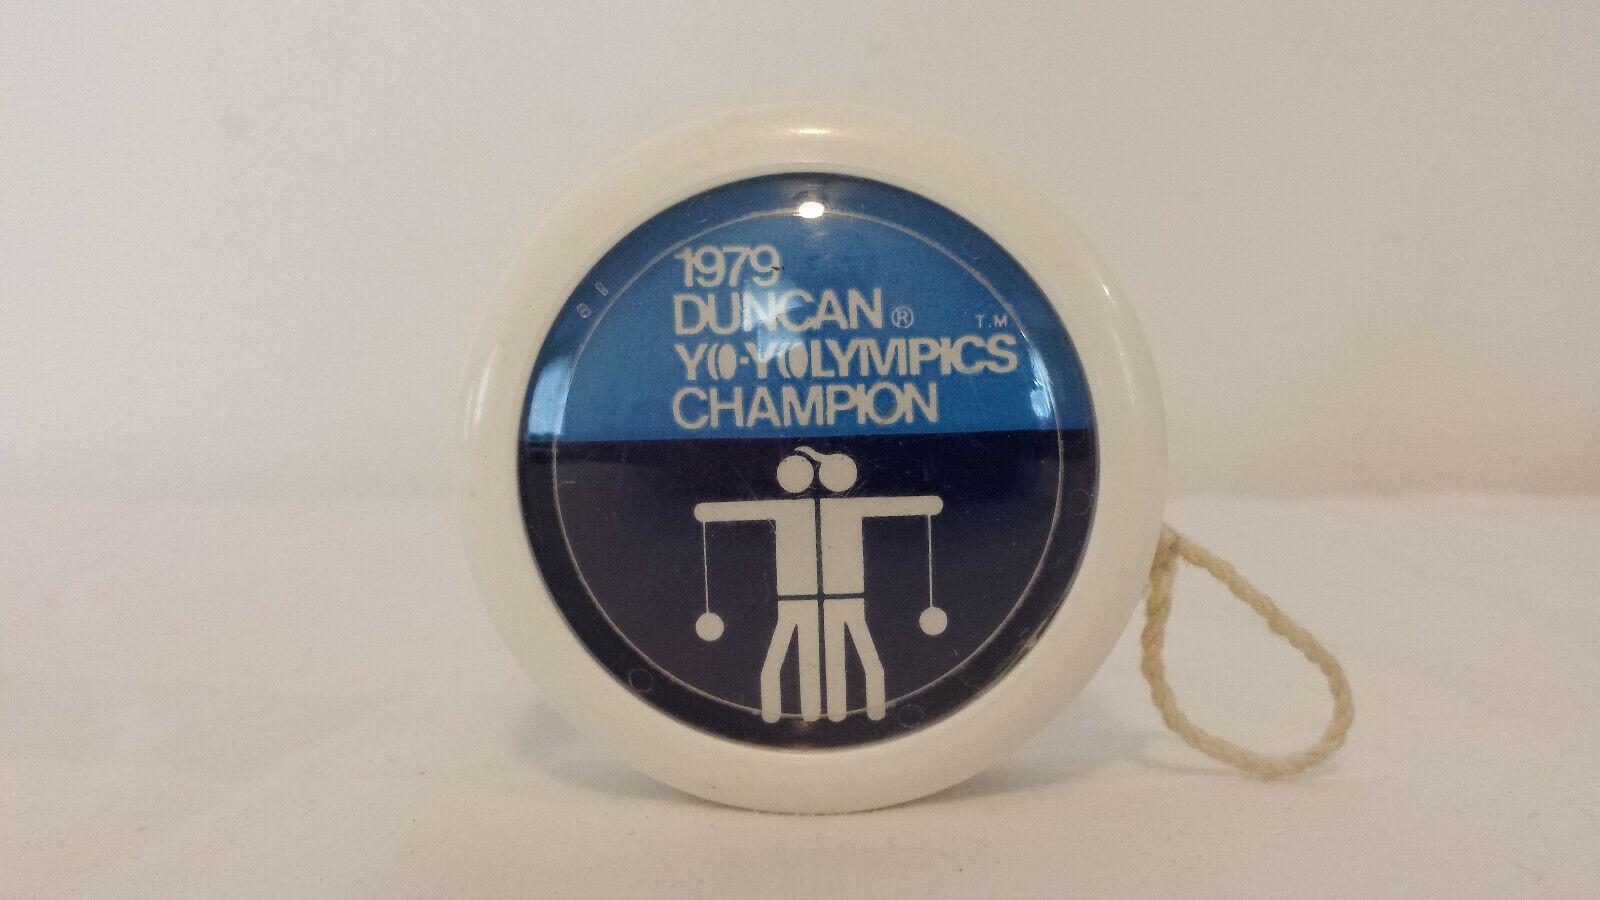 Vintage 1979 Duncan Yo-Yolympics Champion Yo-Yo